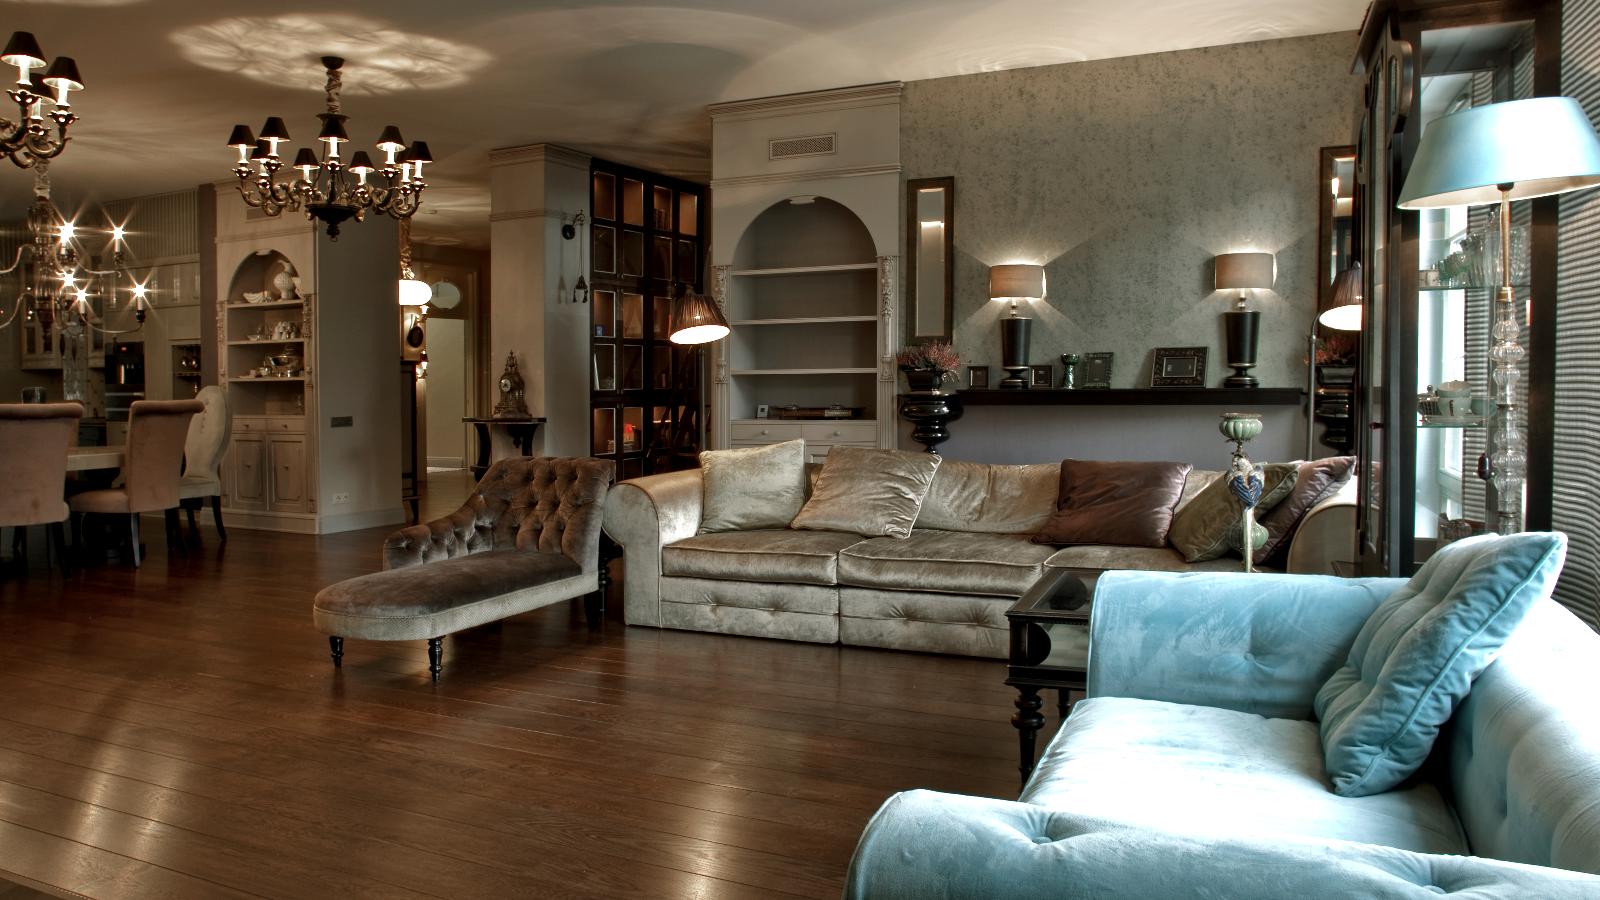 Klasikinis interjeras Senamiestyje (Interjero dizainerė - Eglė Mieliauskienė, Egli Design)